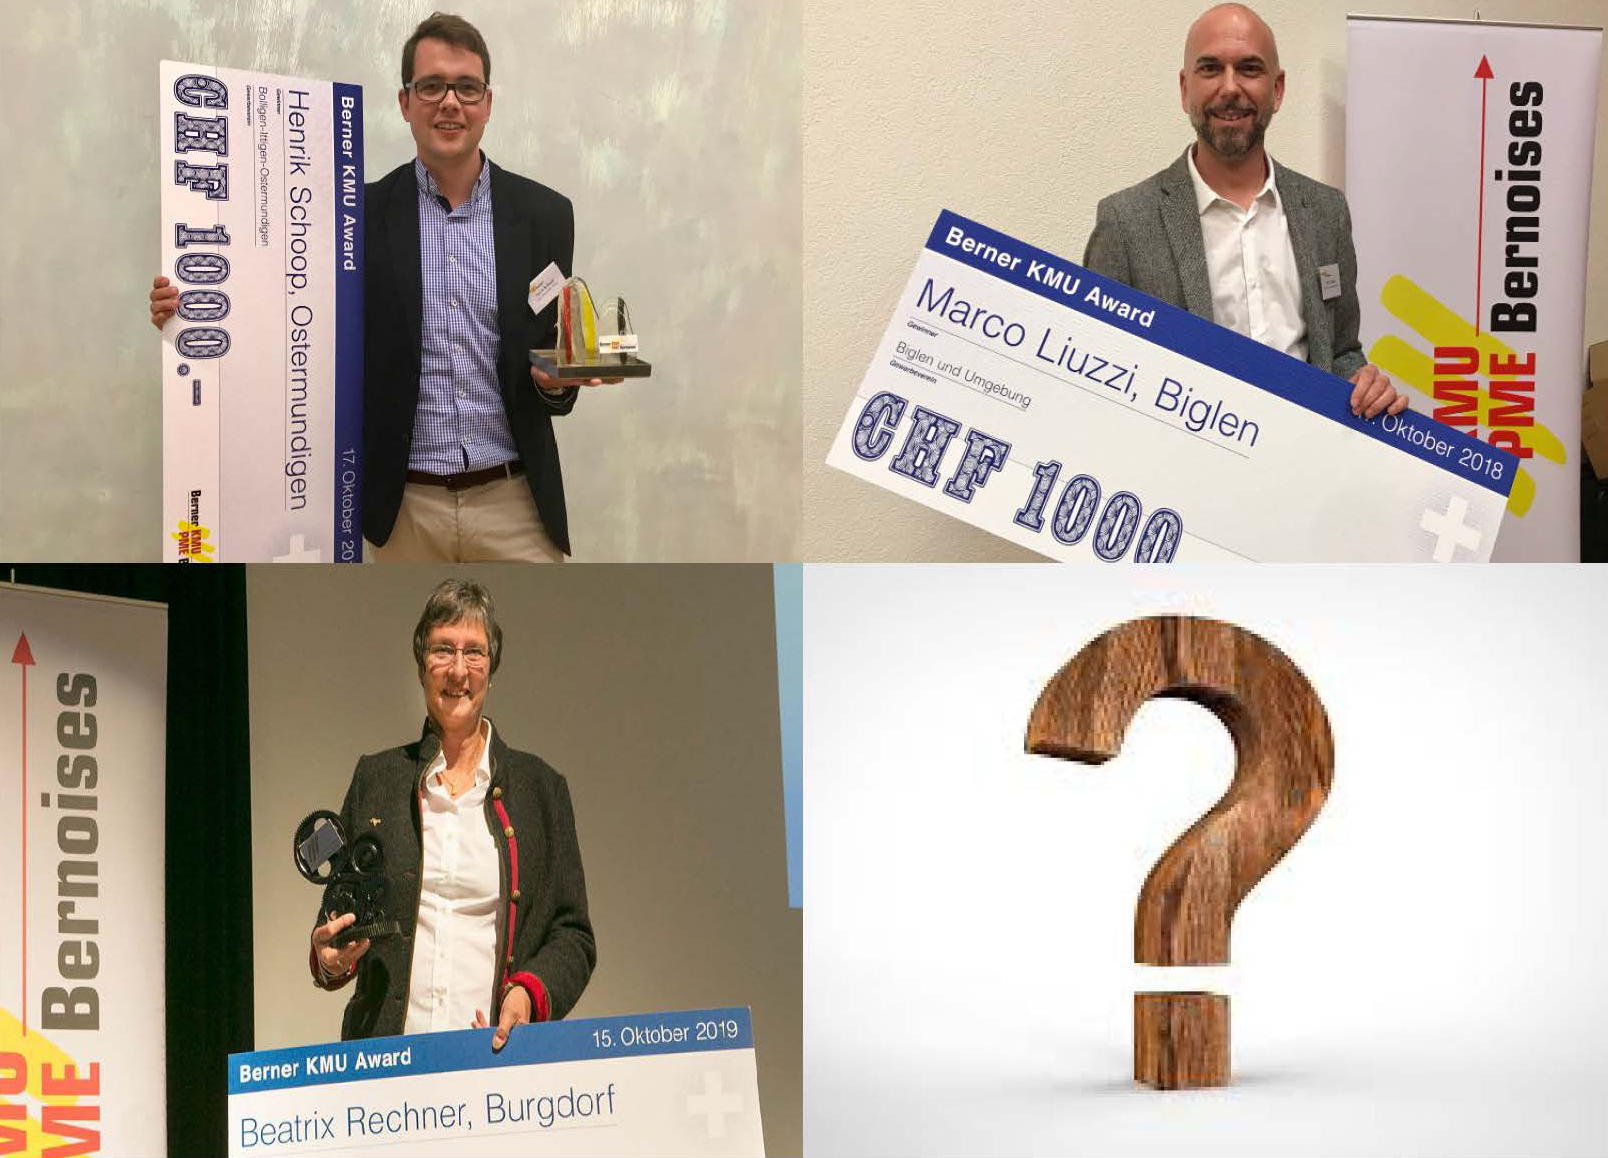 Berner KMU Award 2020: Jetzt Mitglieder melden!